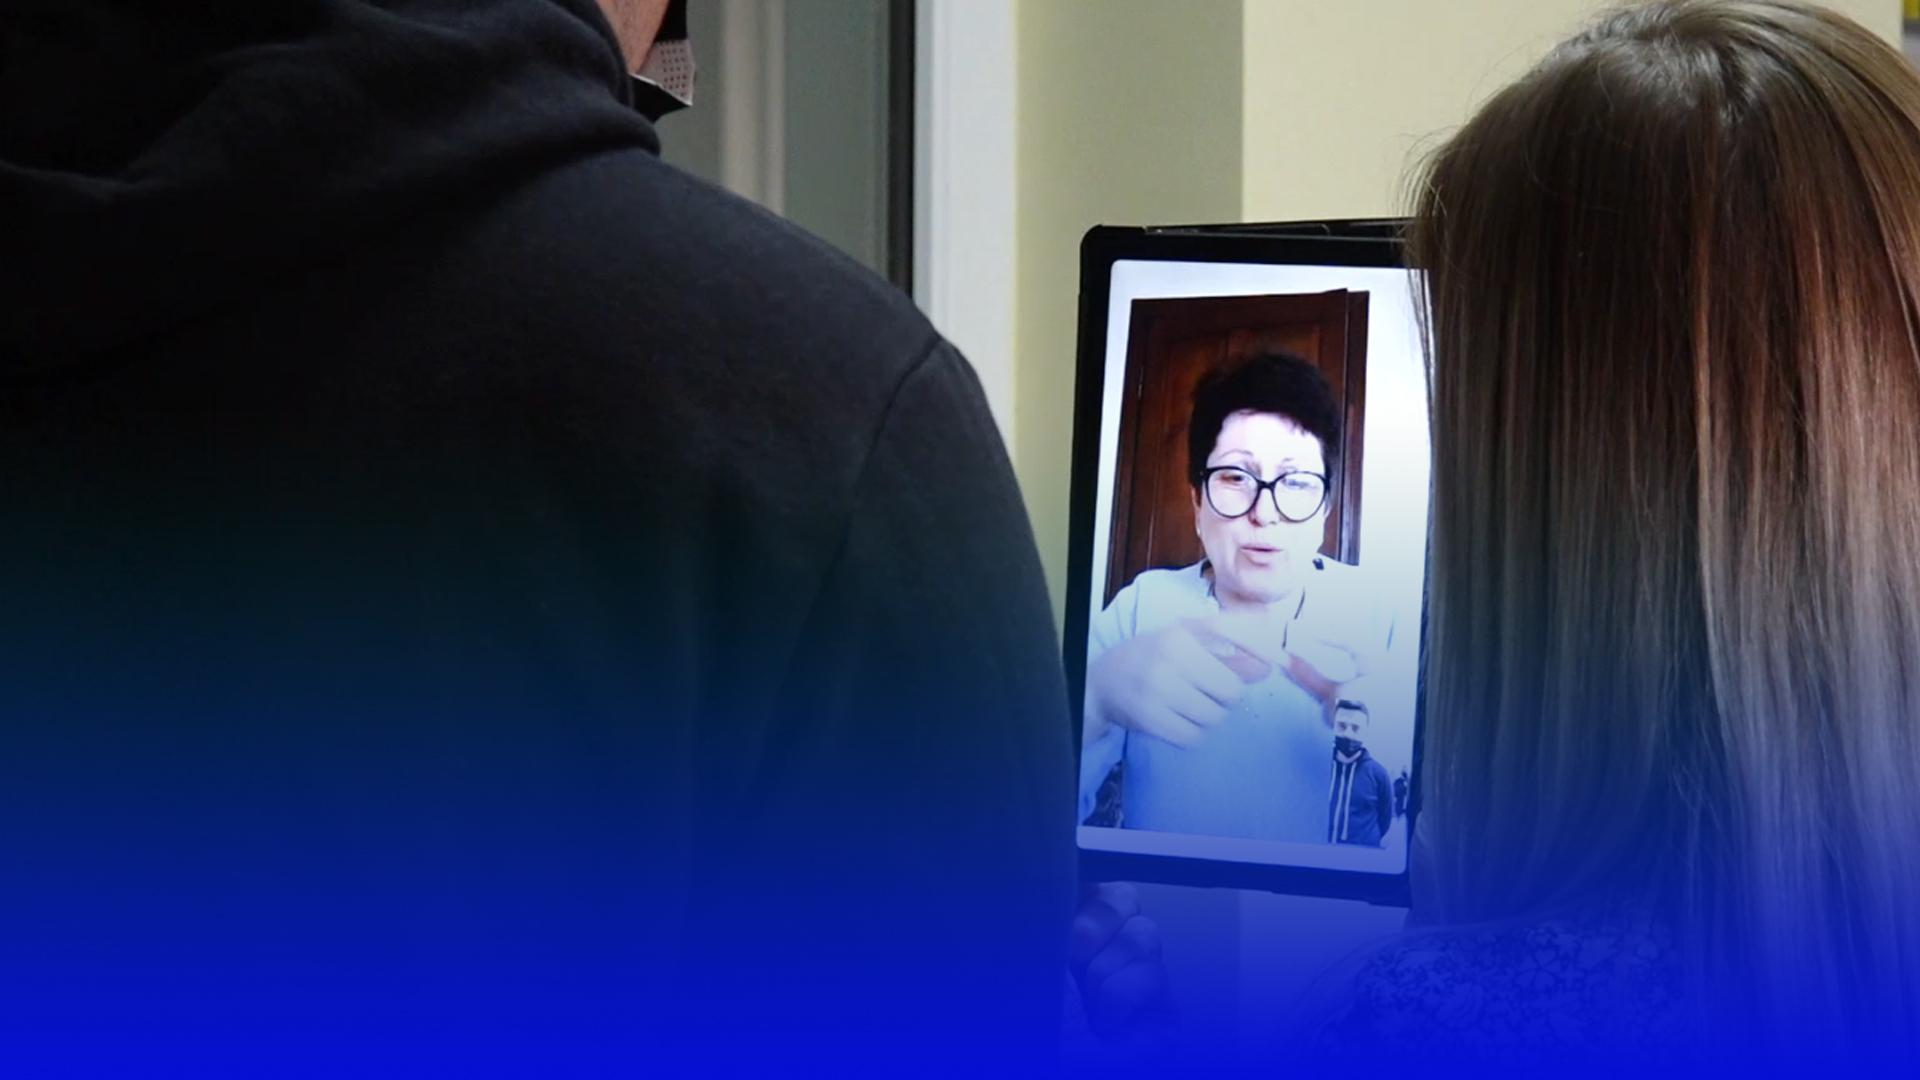 Онлайн-сурдоперекладач діє для слабочуючих тернополян у ЦНАПі